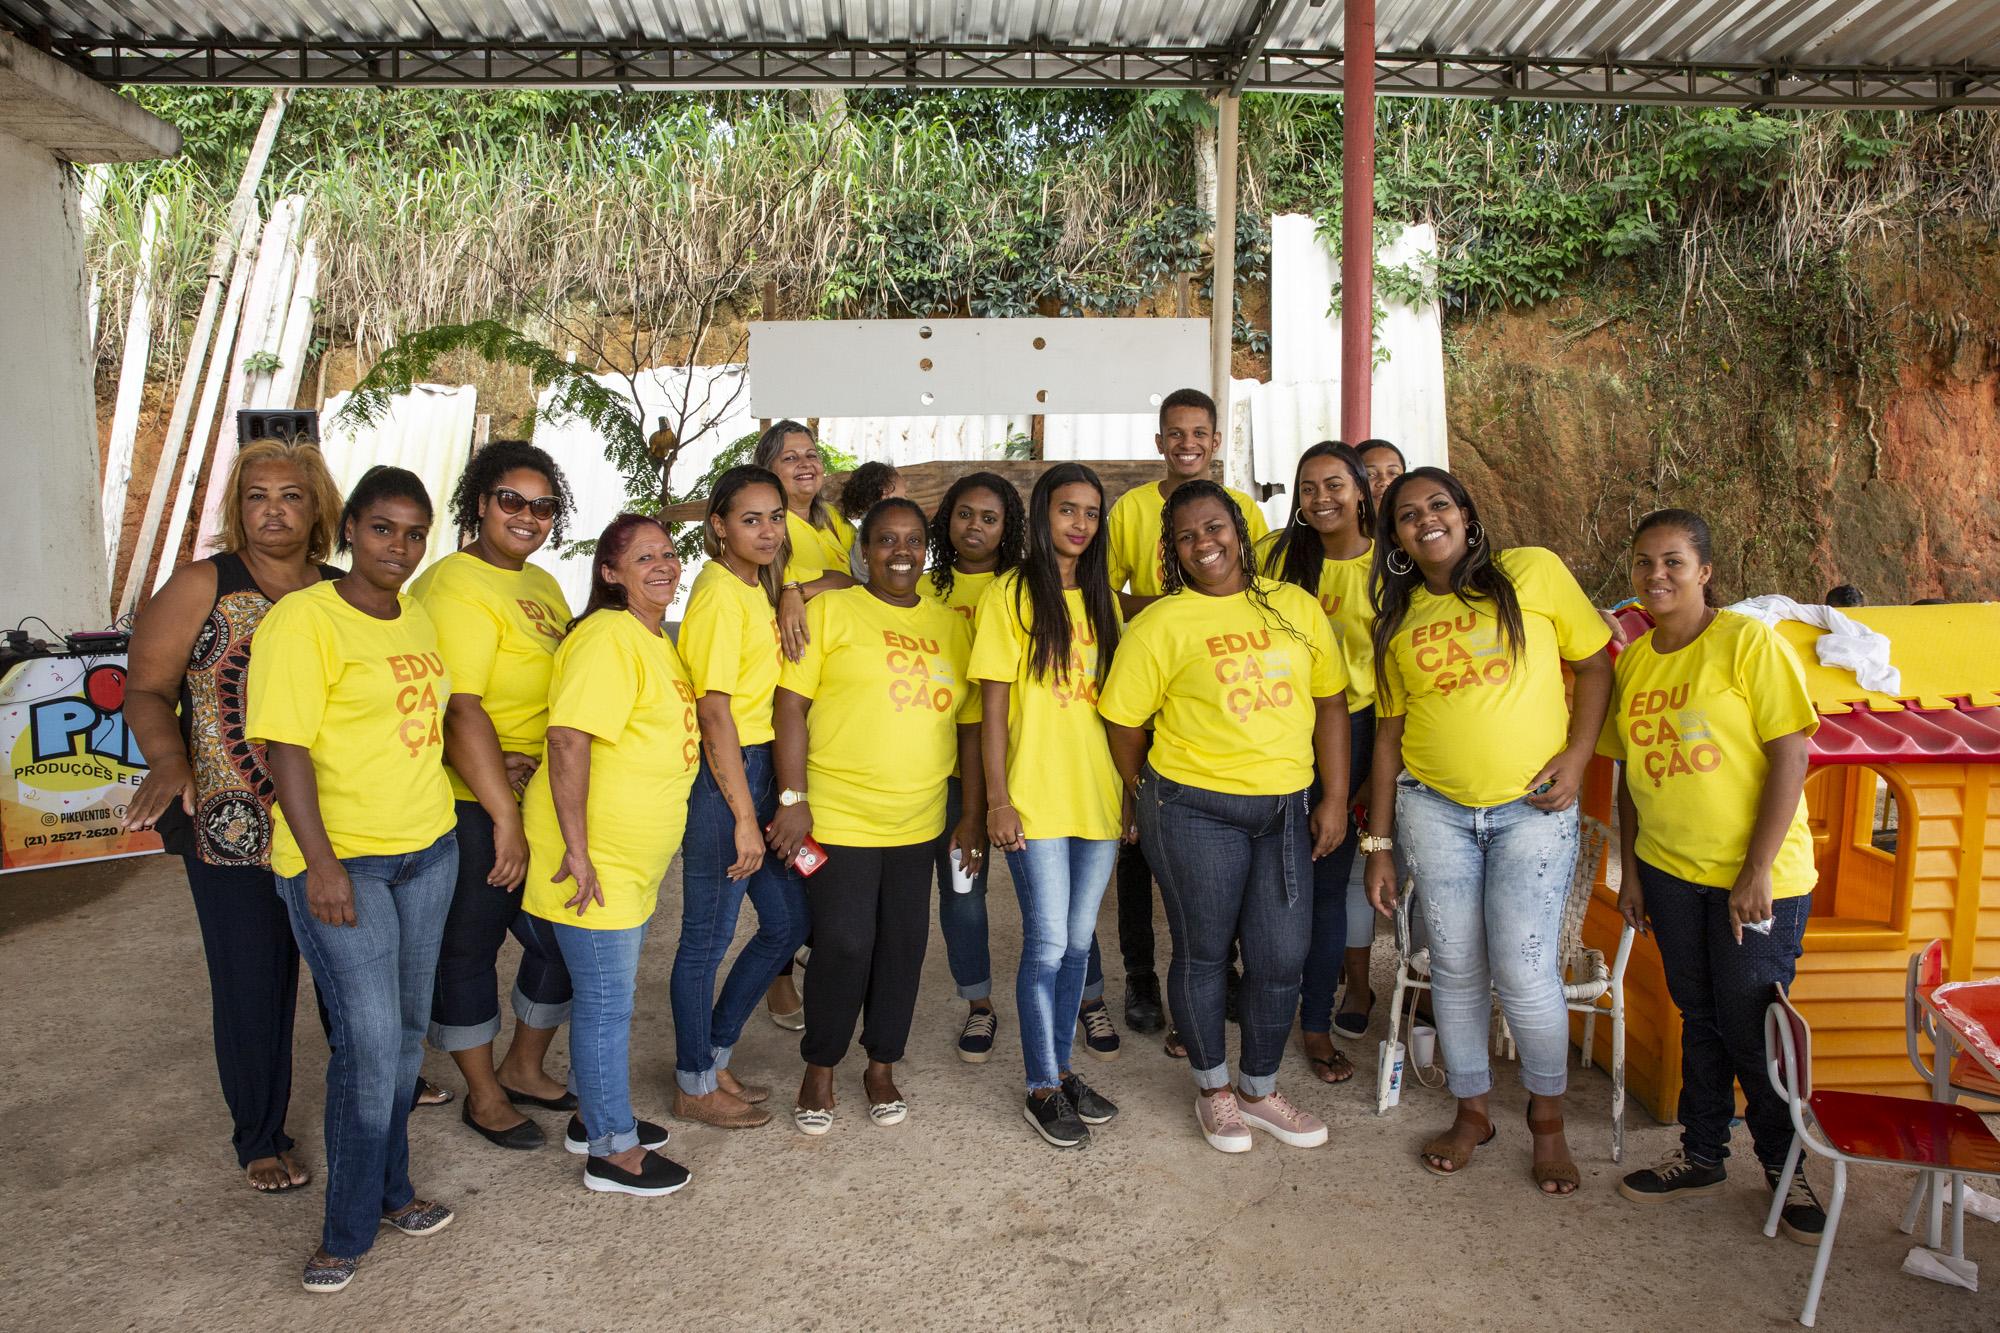 Causa da Educação, representada por Fernanda Gentil,é a grande vencedora da promoçãoGanhou, Causouda Nestlé 5